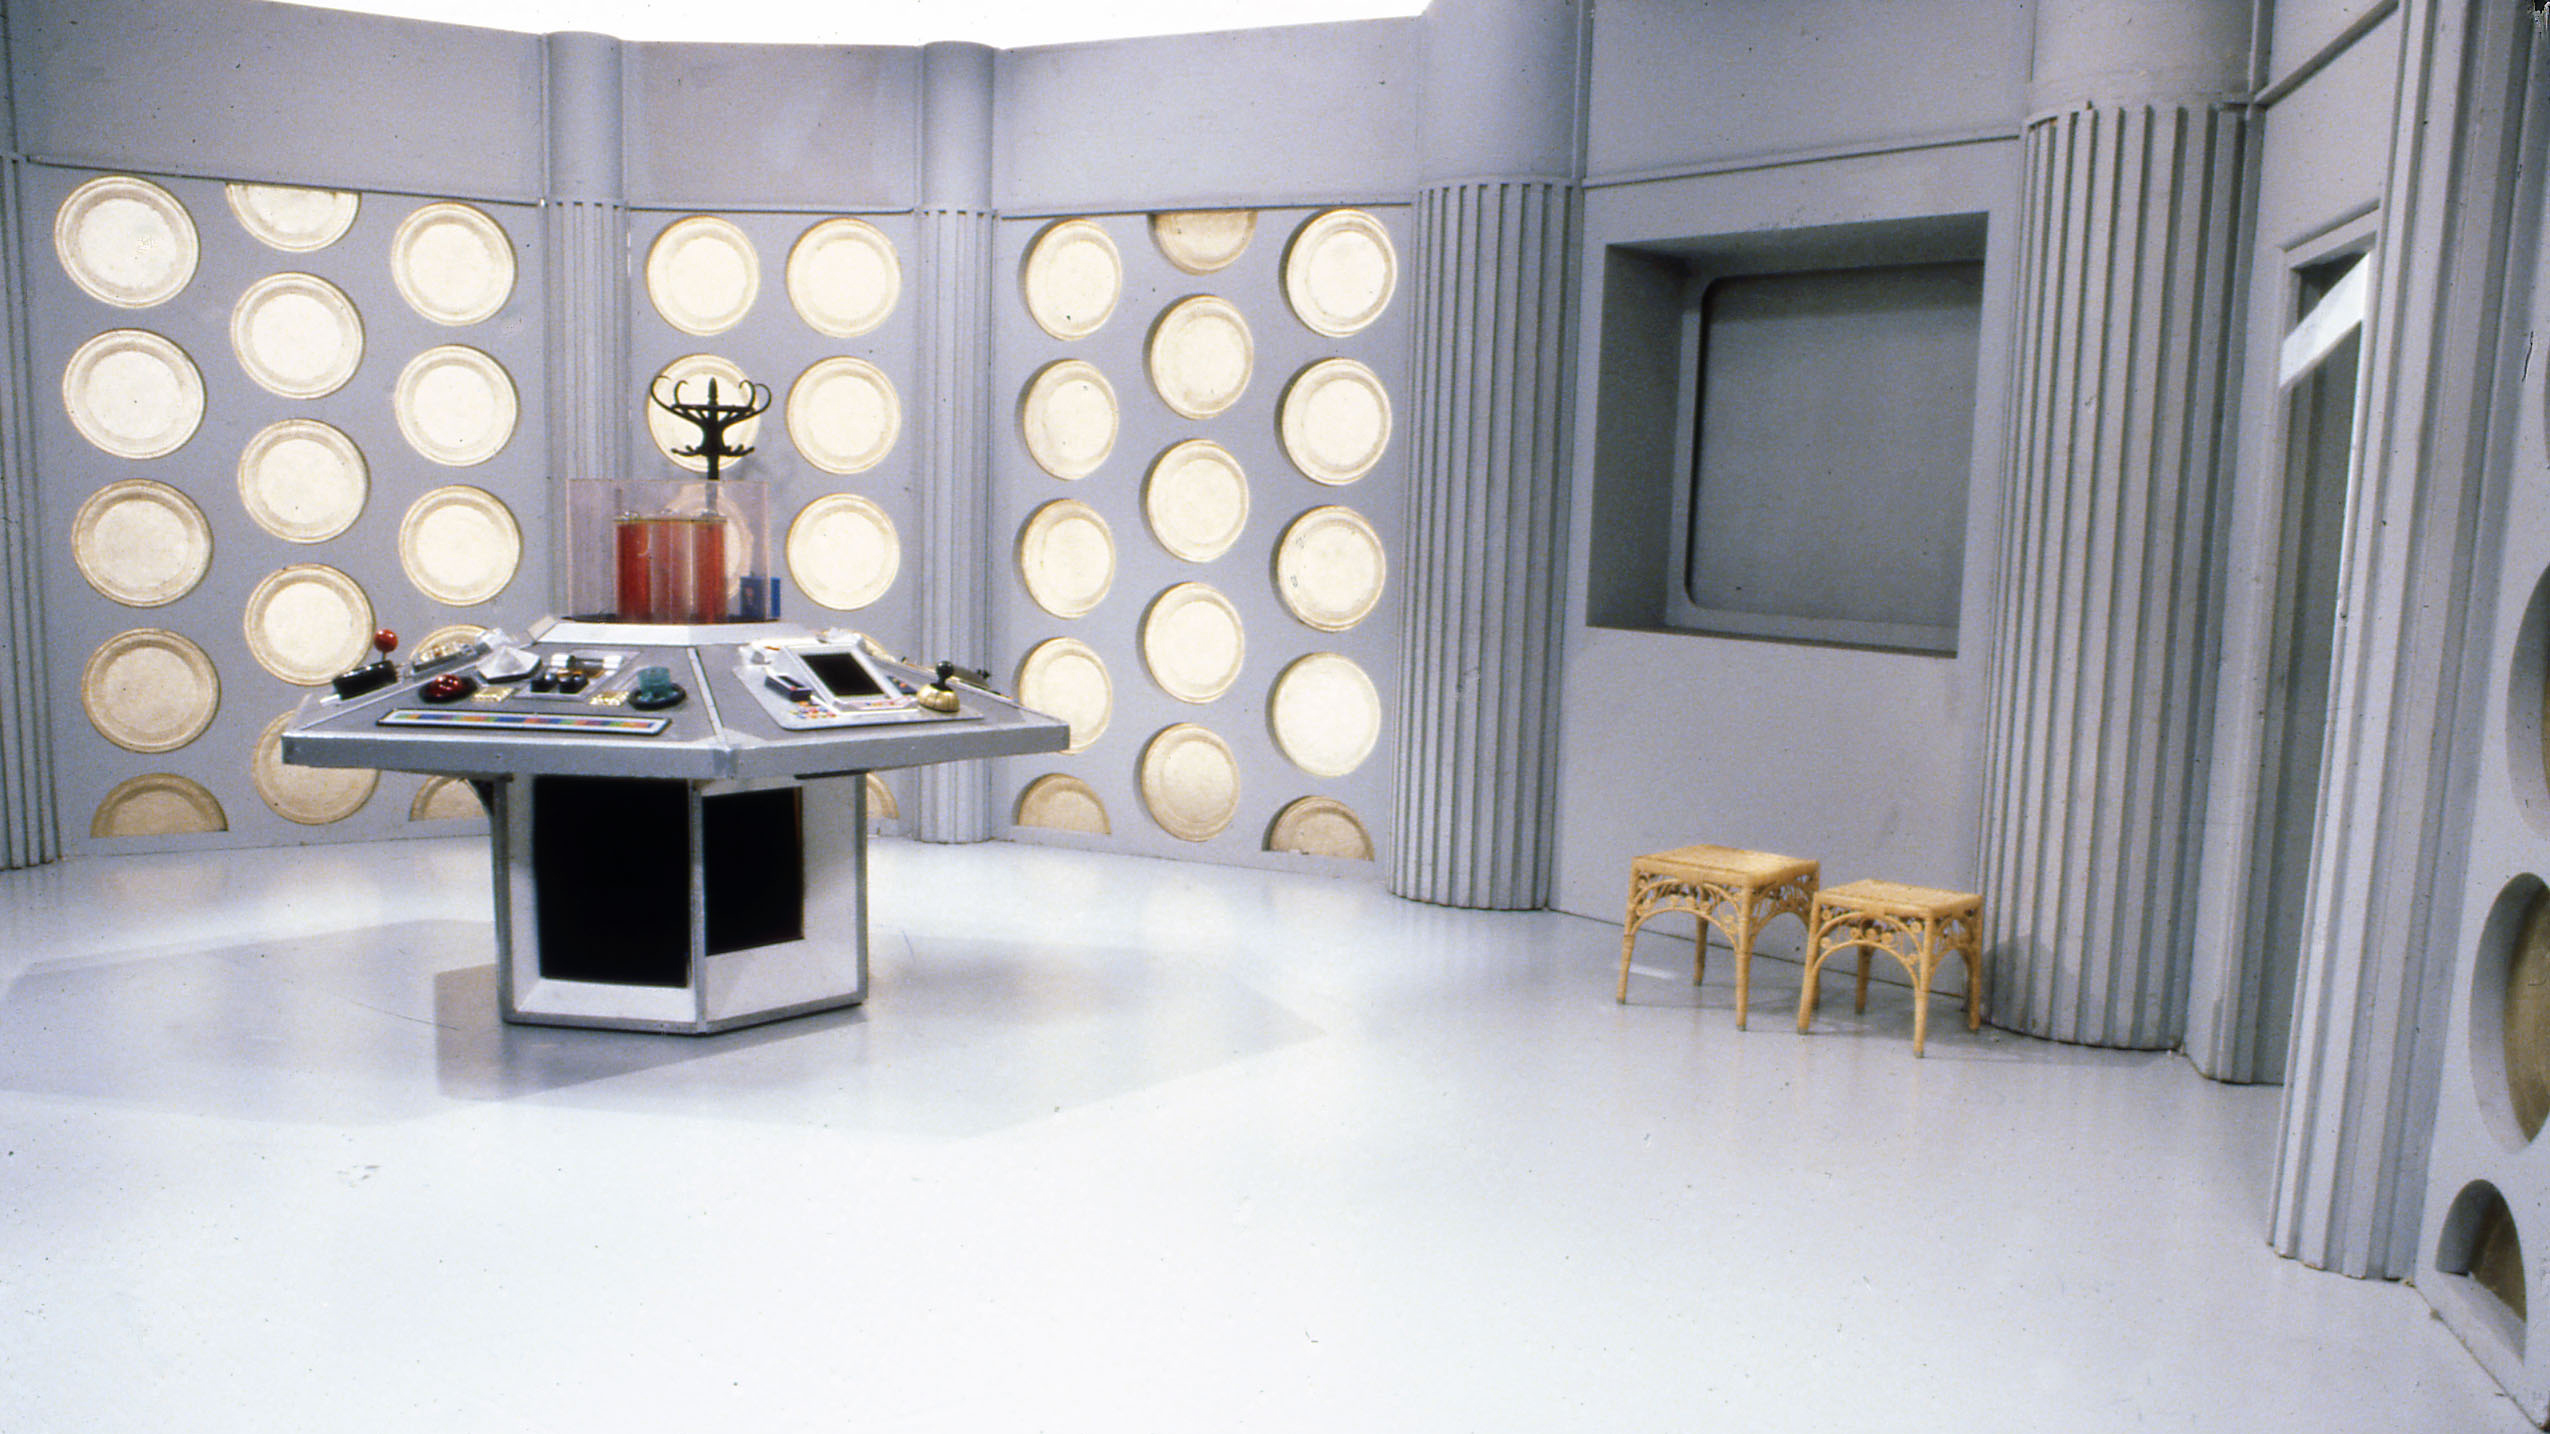 Escenario para la serie de televisión Doctor Who. Masque of Mandragora Tardis (1983). Imagen: BBC TV.